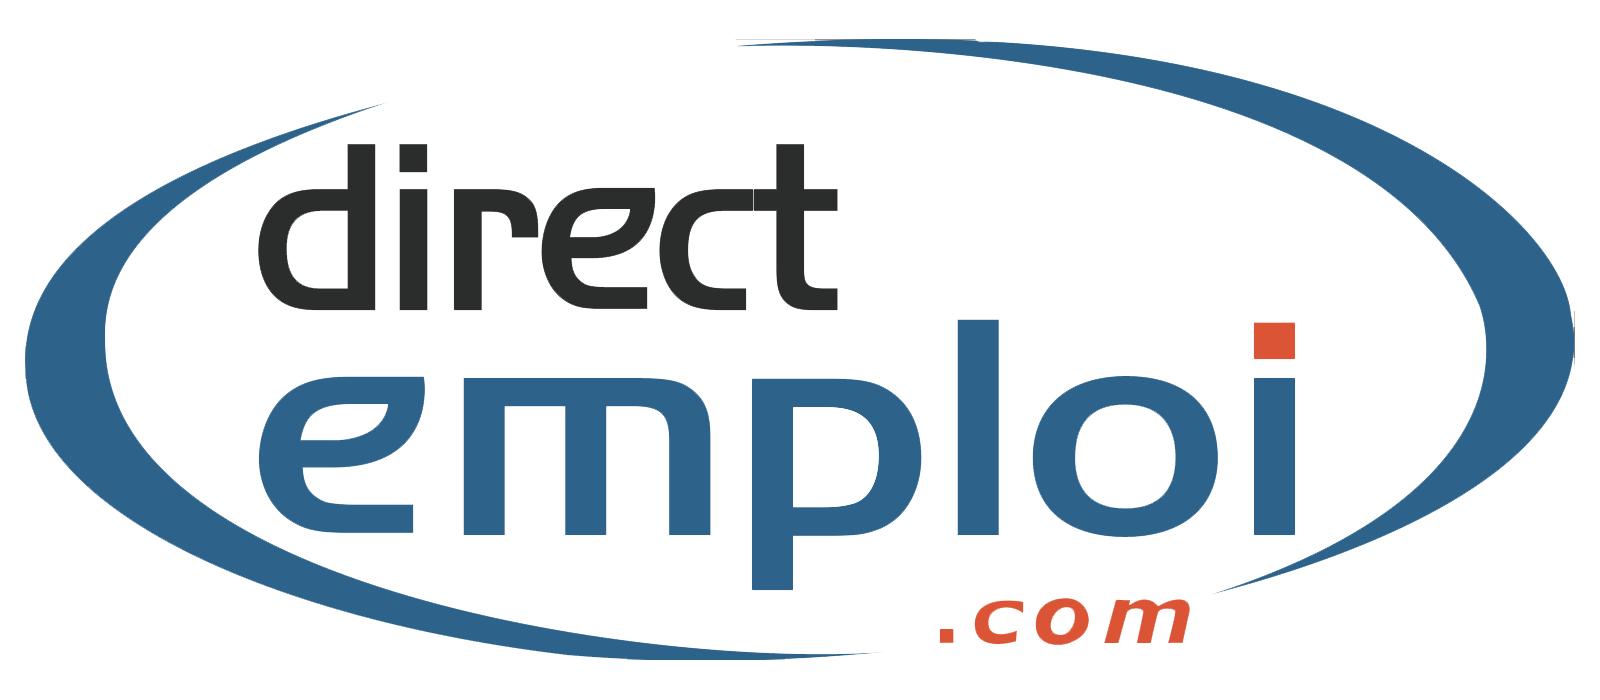 Direct Emploi